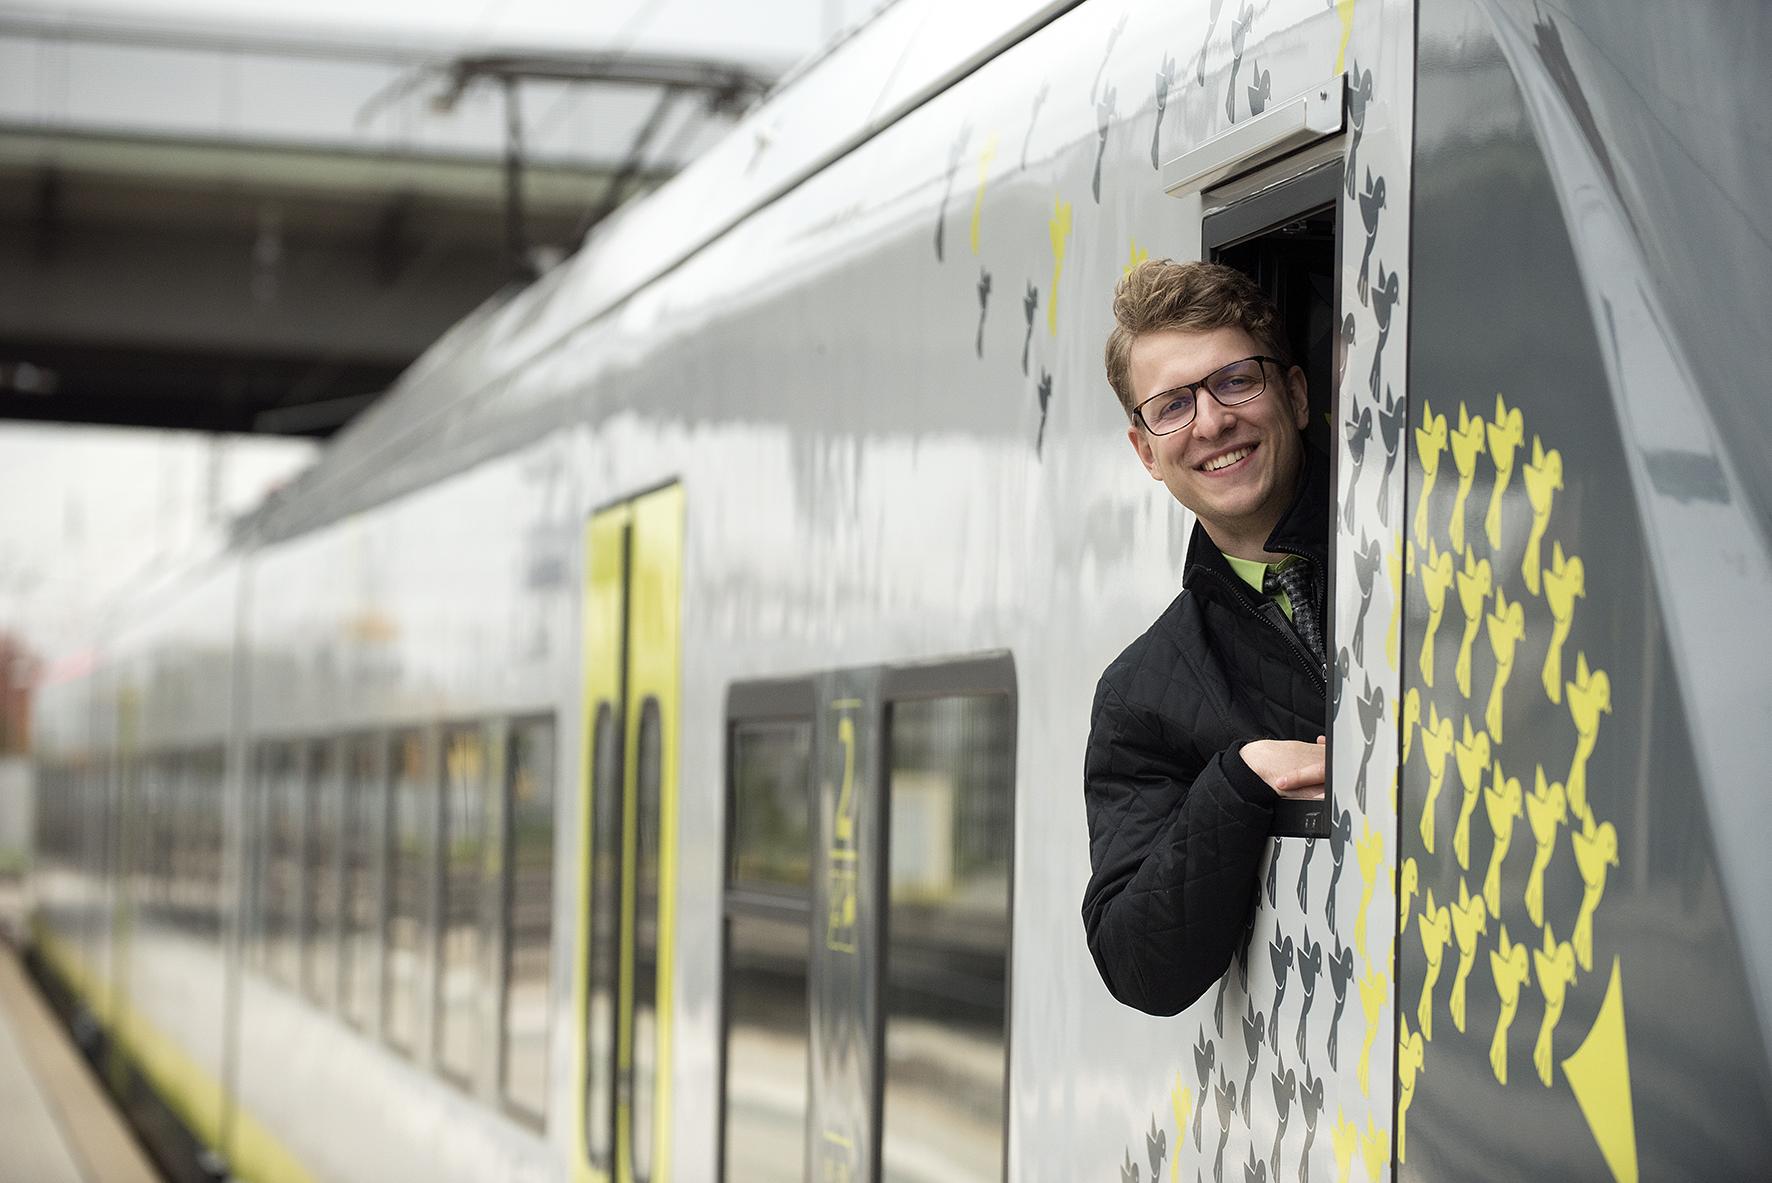 Ein Triebfahrzeugführer von agilis blickt aus dem Führerstand des Zuges und lacht.